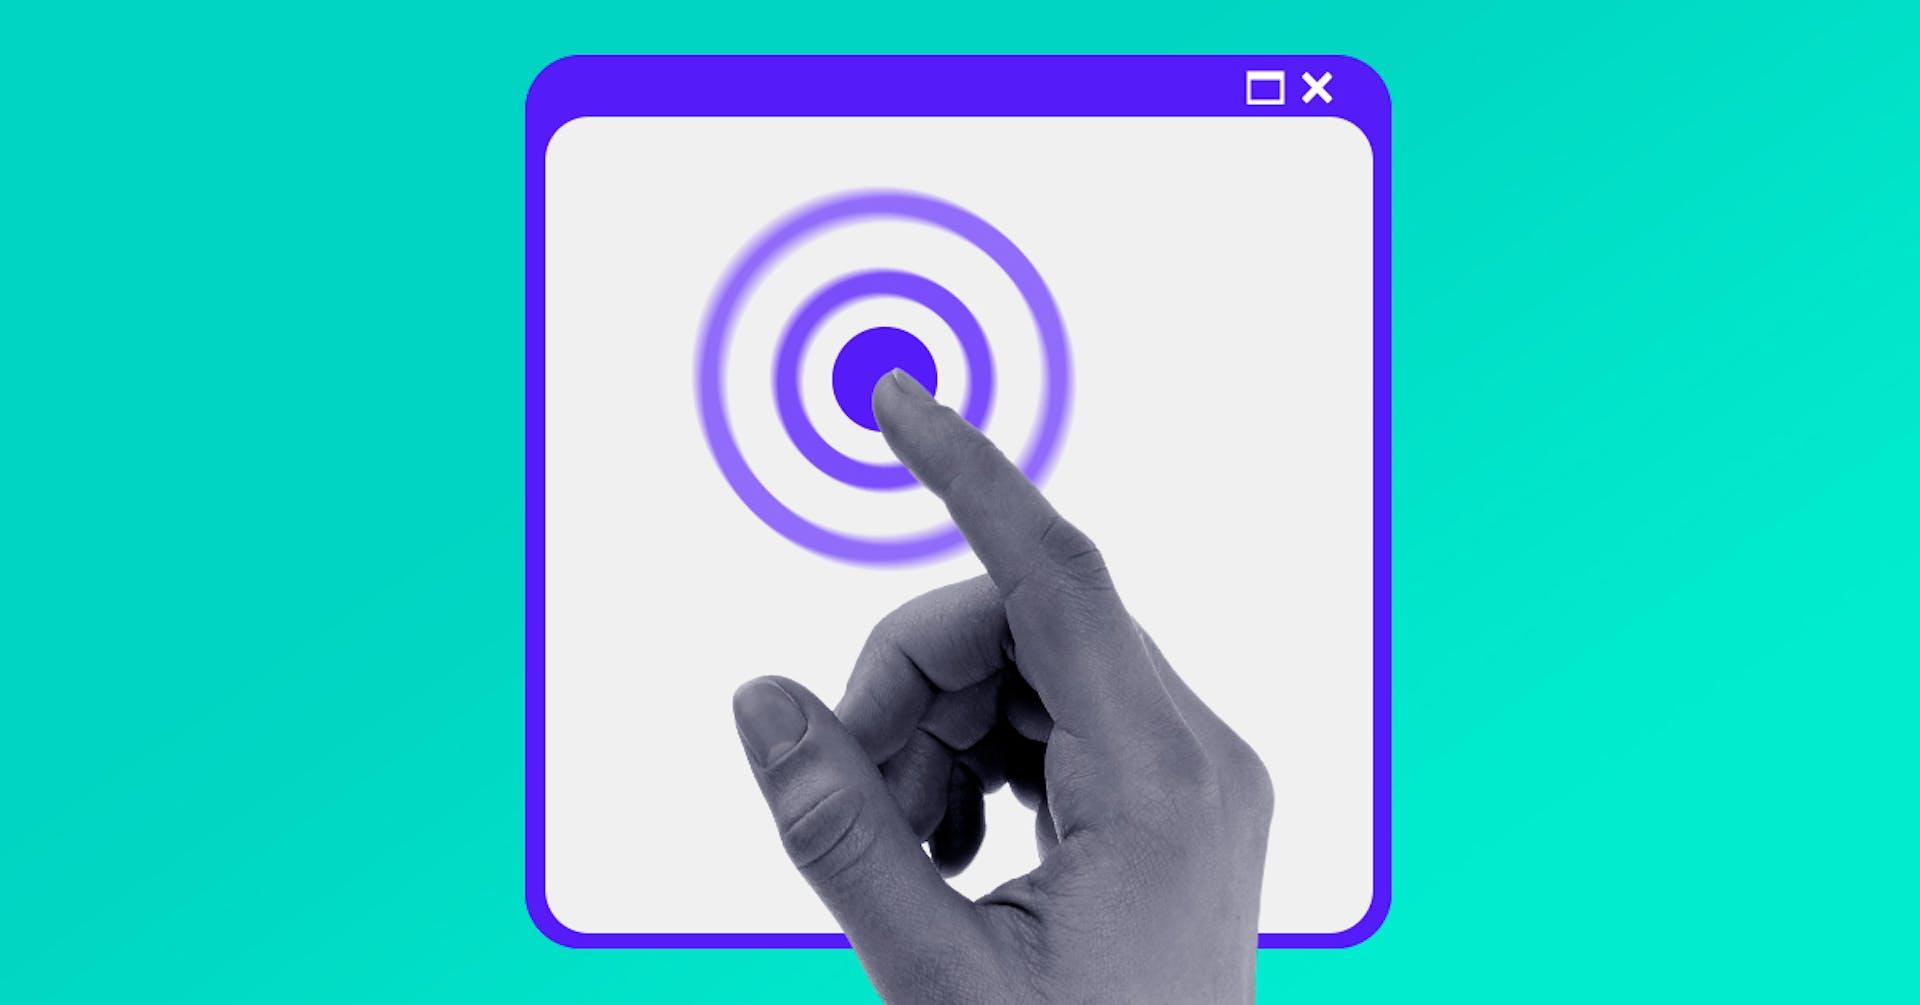 ¿Qué es el CTR? Descubre cuánta gente ingresa a tus anuncios